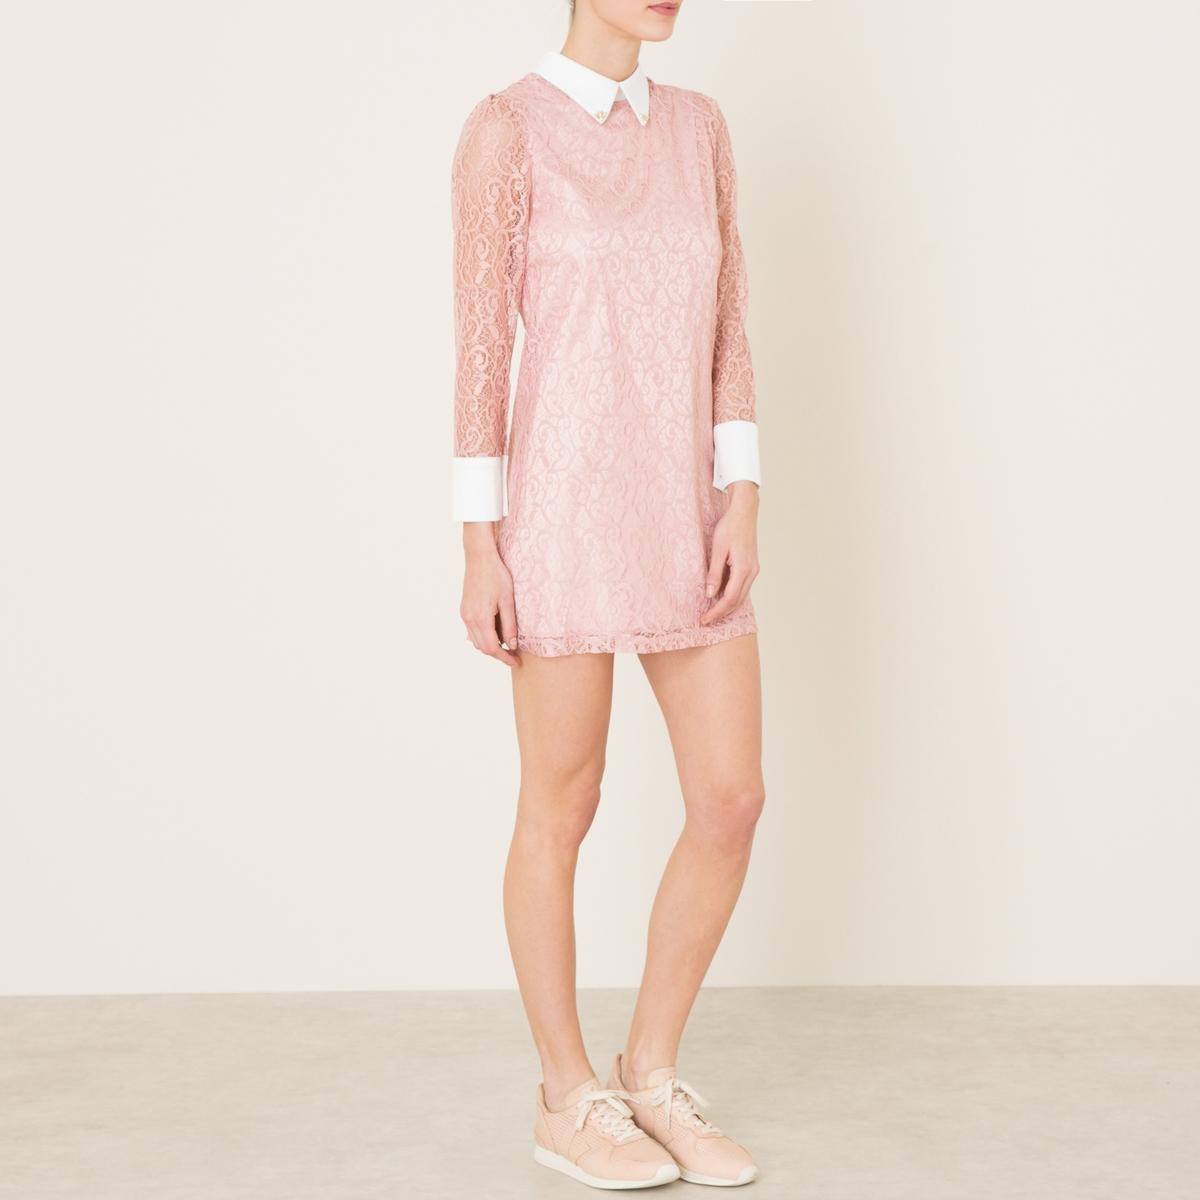 Платье из кружеваСостав и описание    Материал : 100% полиэстер   Подкладка 97% полиэстера, 3% эластана   Длина : ок.82 см. для размера 36   Марка : SISTER JANE<br><br>Цвет: розовый